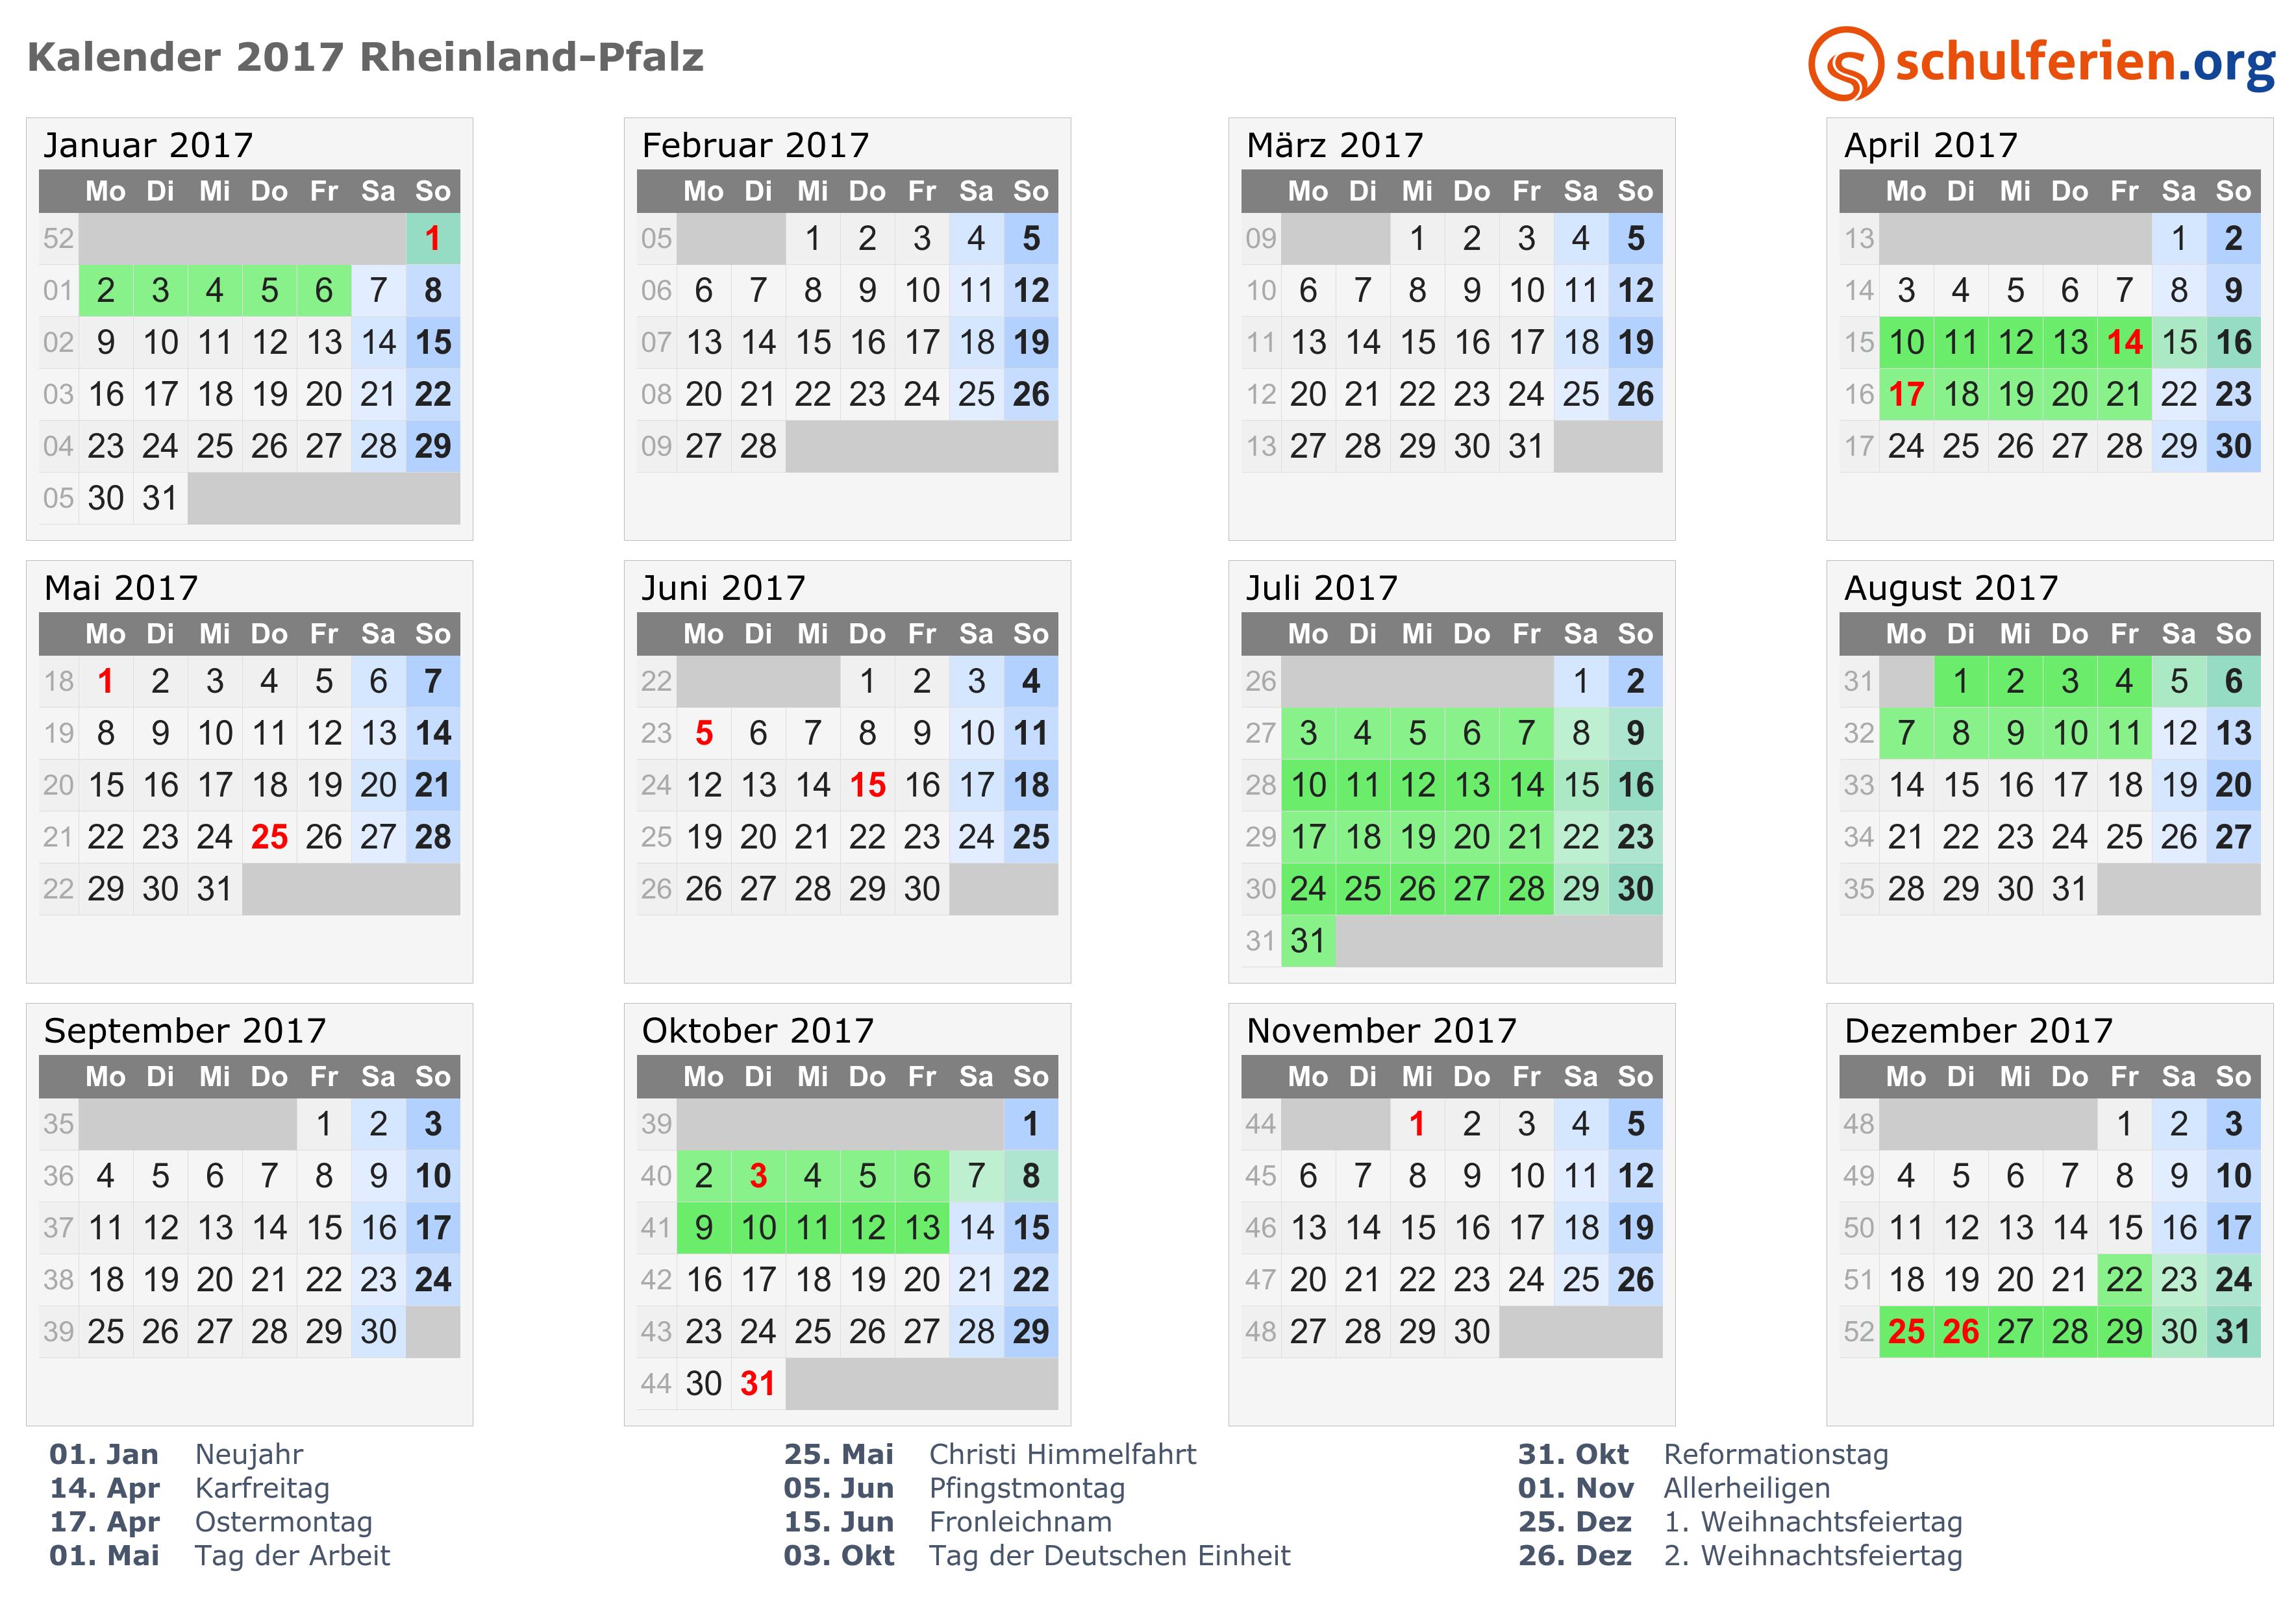 kalender 2017 ferien rheinland pfalz feiertage. Black Bedroom Furniture Sets. Home Design Ideas